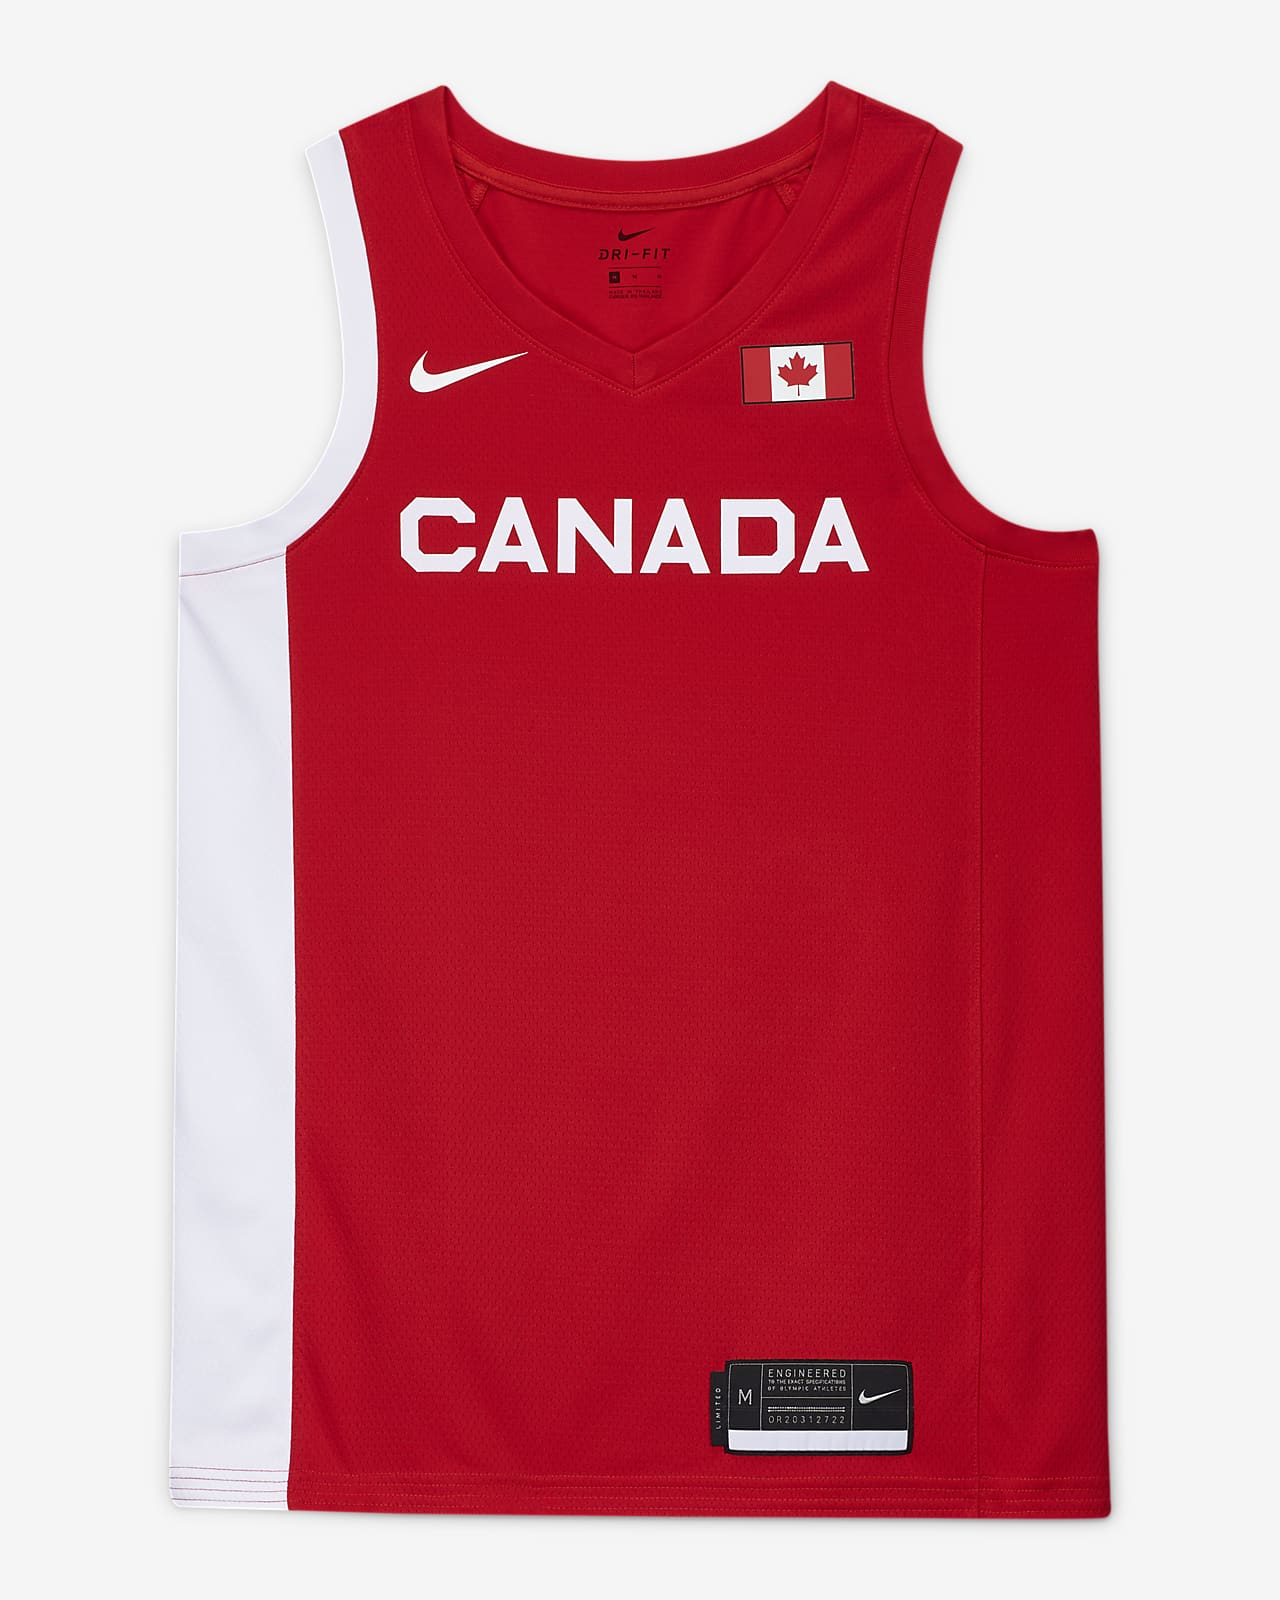 Canada Nike (Road) Limited basketdrakt til herre